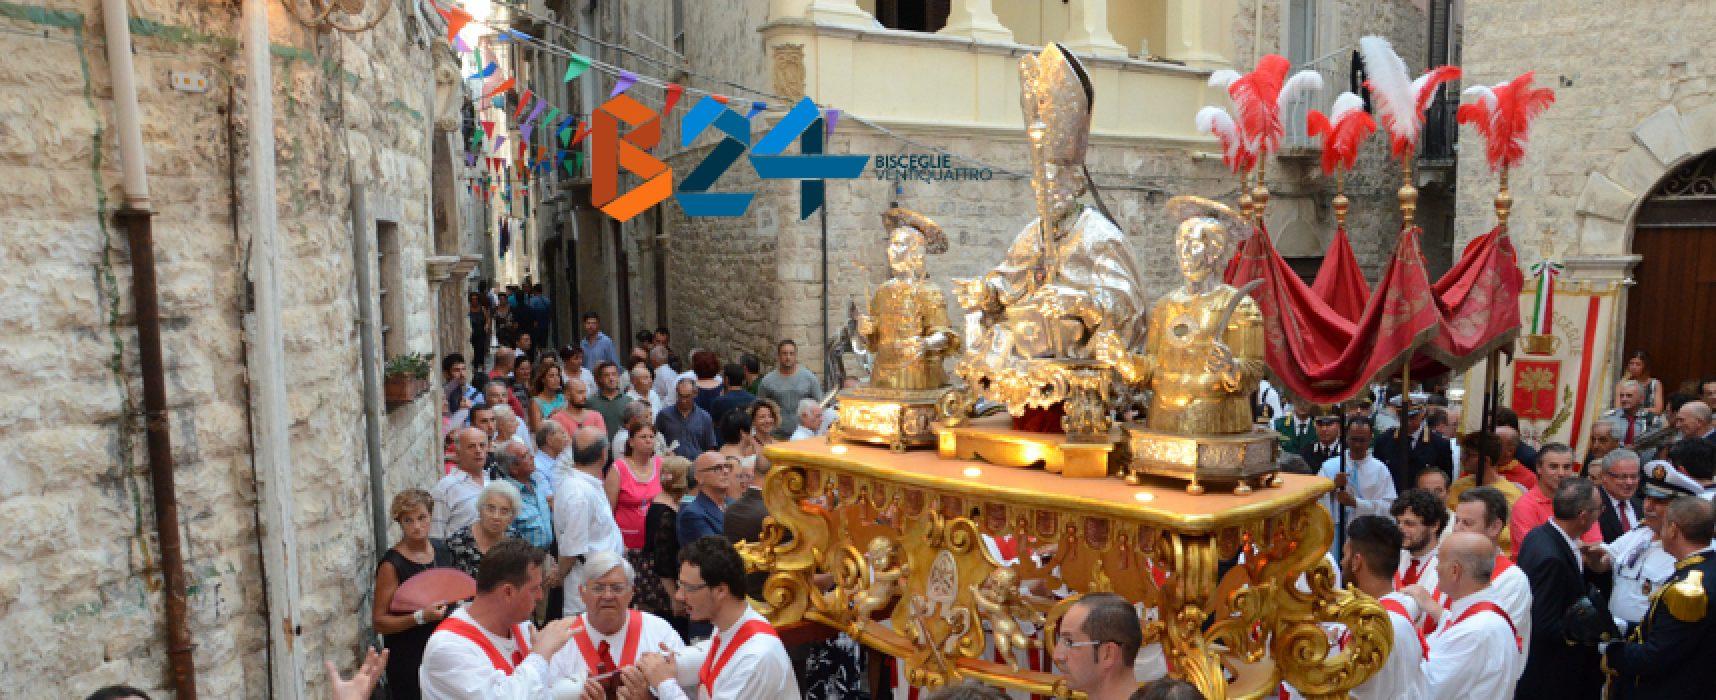 Contributo comunale di 20mila per la festa patronale, in totale concessi 80mila euro